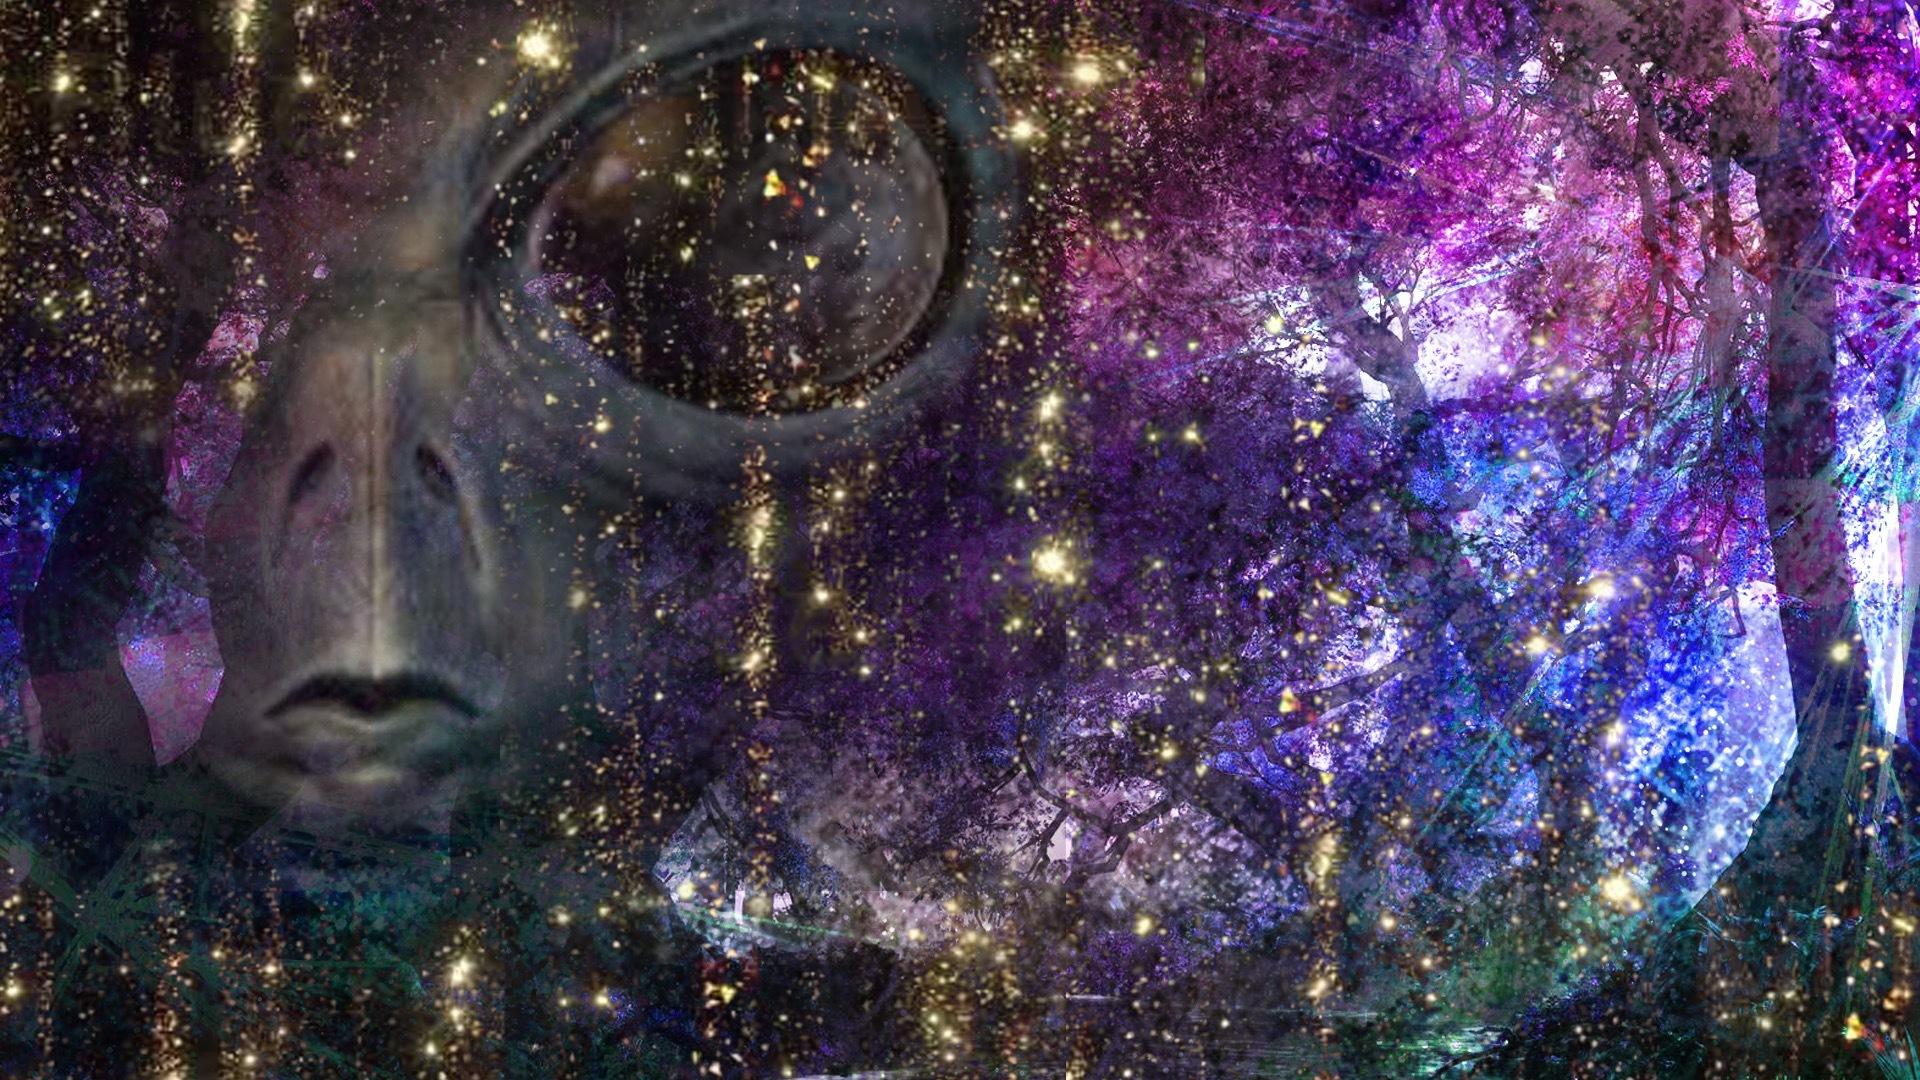 車掌:The Planet from Nebula